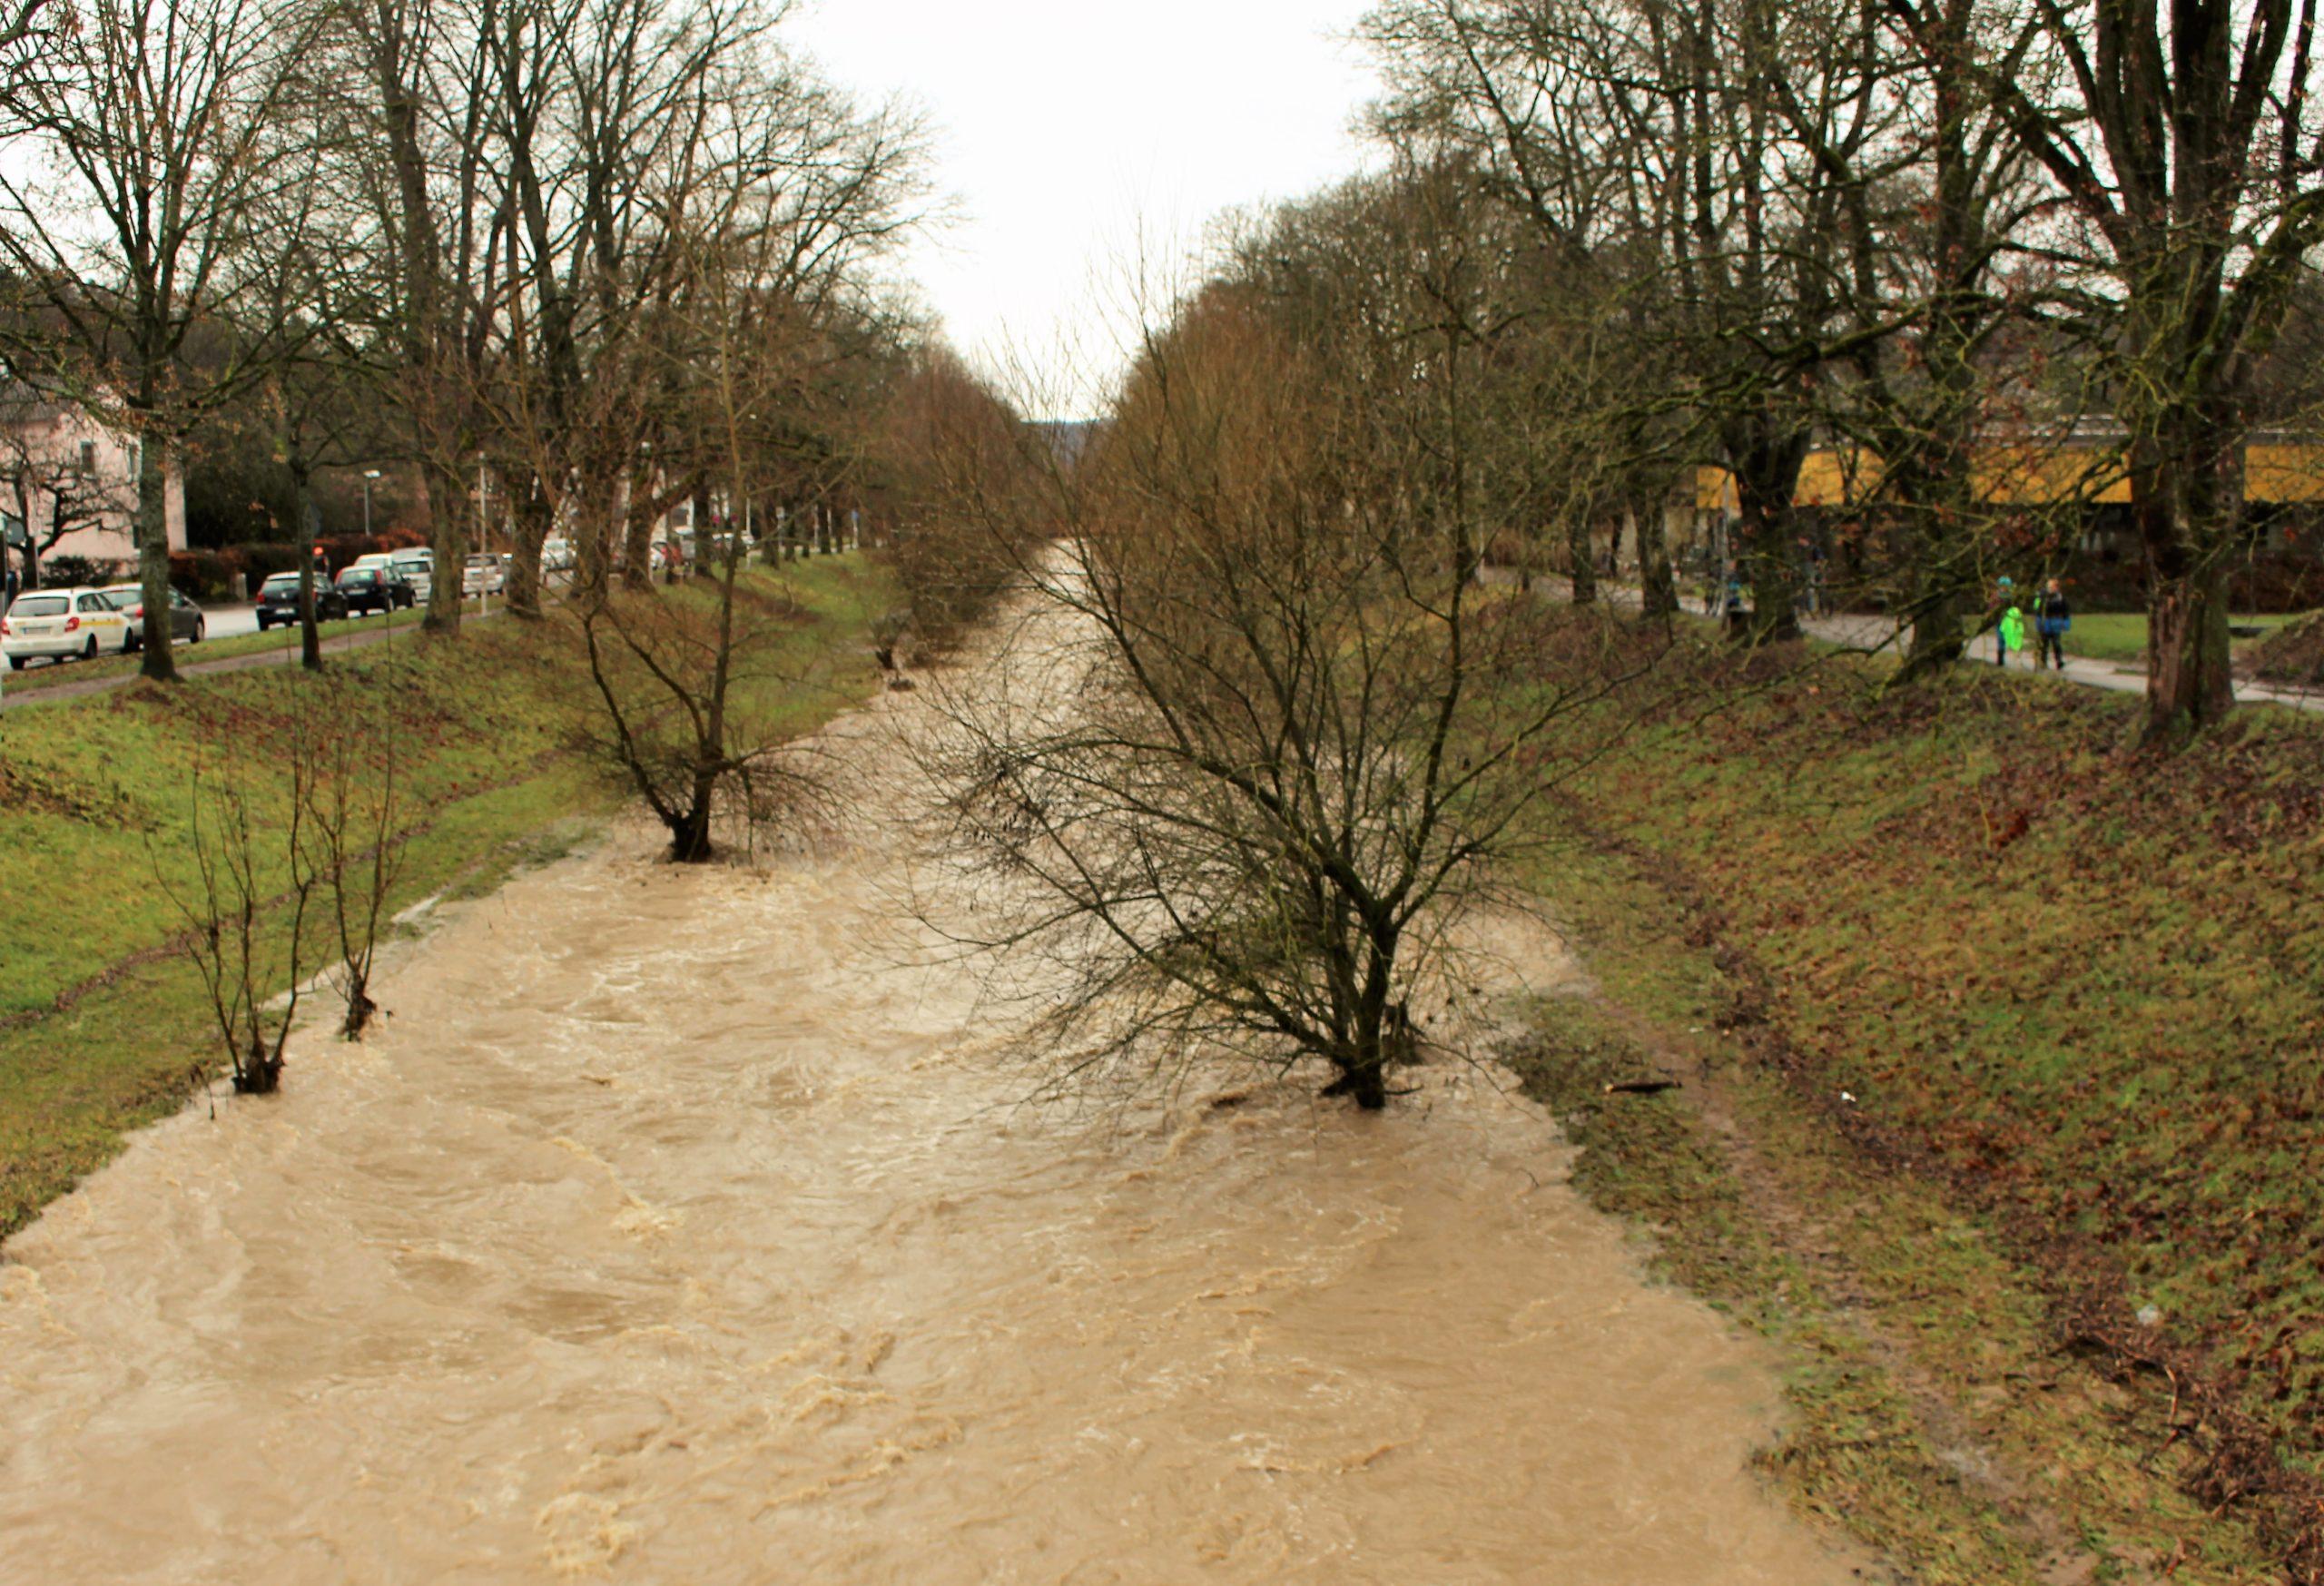 Die ansonsten kleine Steinlach in Tübingen hat sich zu einem braunen Wasserkanal entwickelt. Bäume stehen im Wasser.